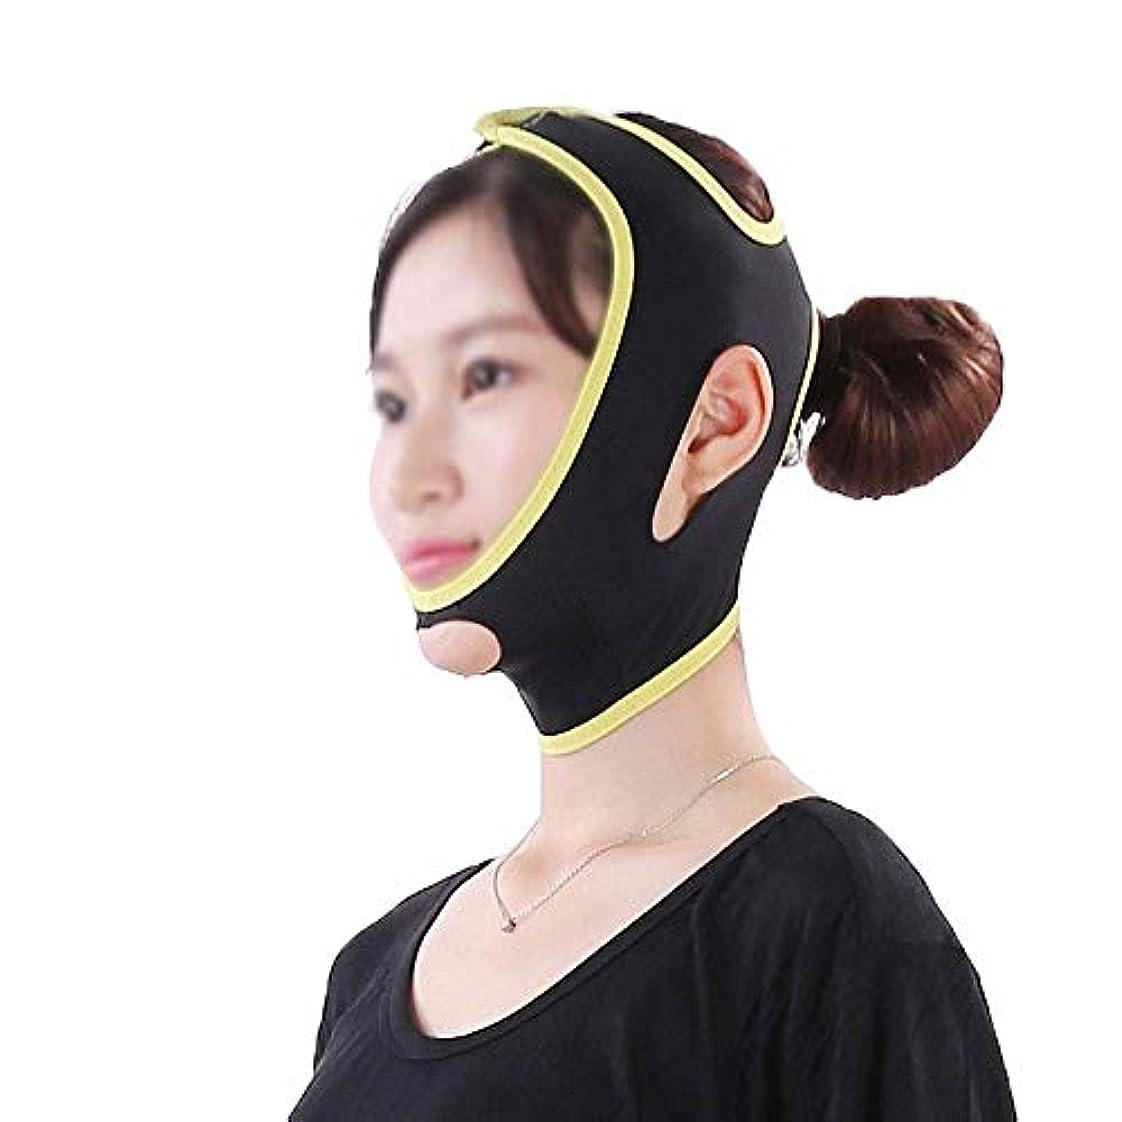 ただやる傘ペルーフェイス&ネックリフト、フェイスリフトマスク強力なフェイスマスクフェイスリフトアーティファクトフェイスリフティングフェイスリフティングツールフェイスリフティング包帯シンフェイスマスク美容マスク(サイズ:L),M